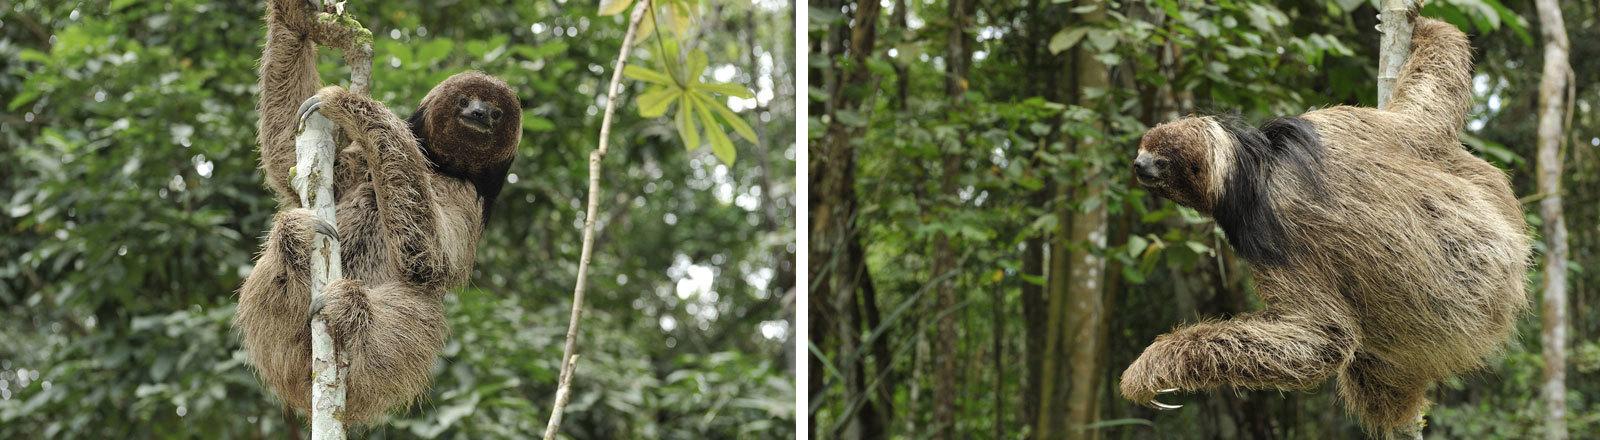 Kragenfaultier im brasilianischen Regenwald.